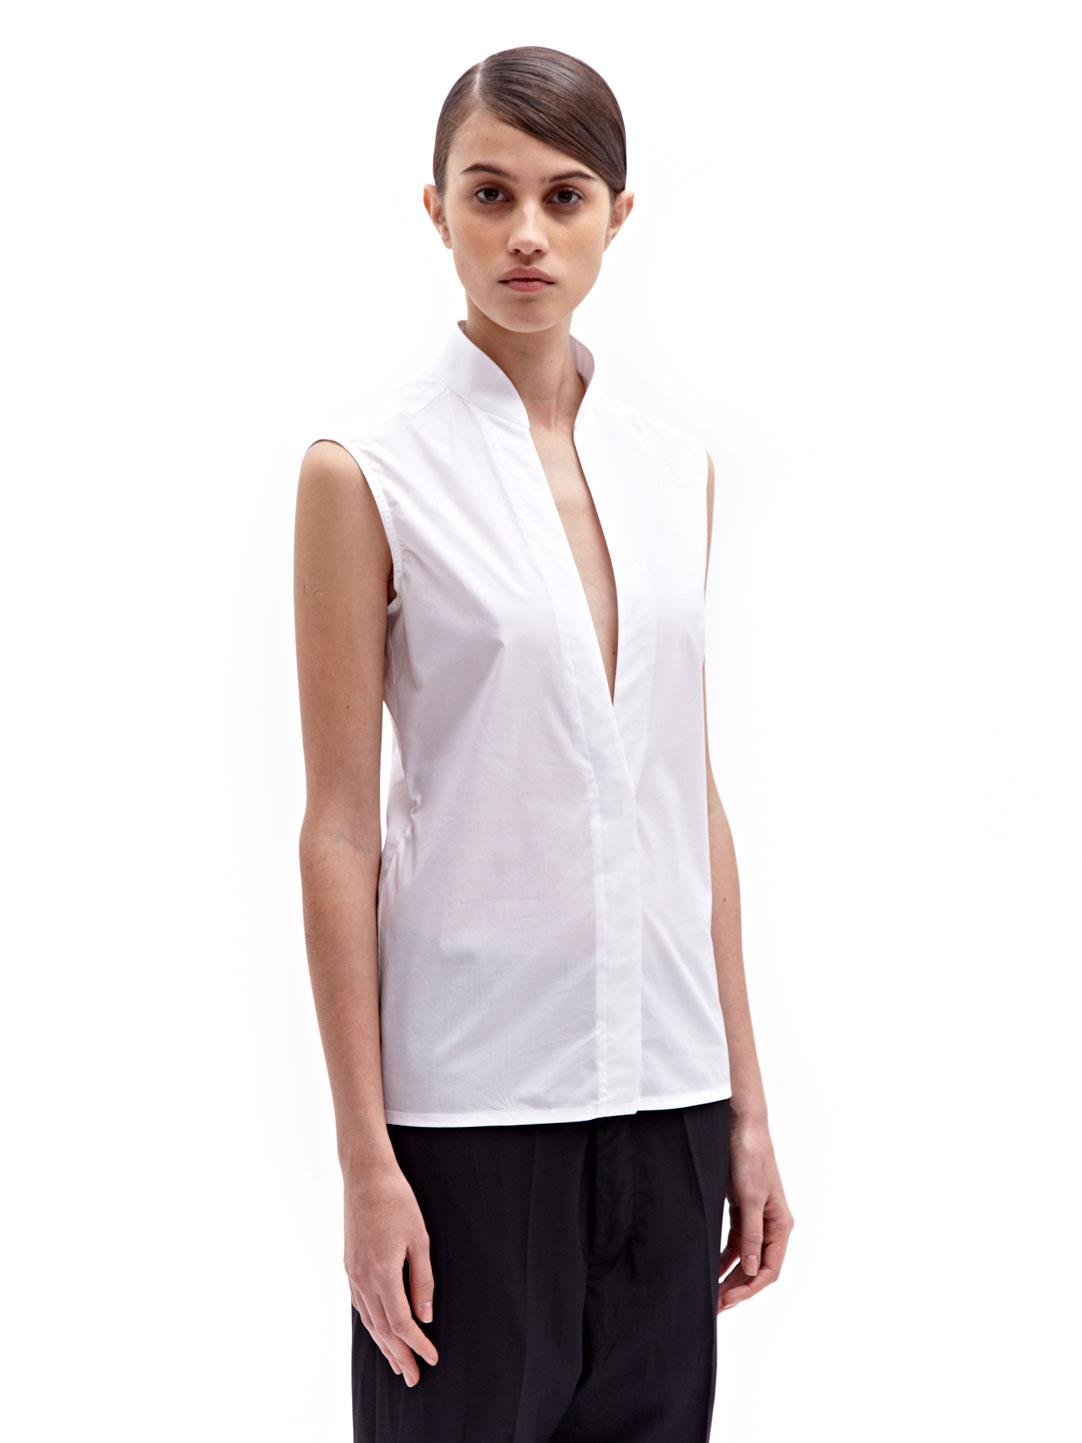 Paco Rabanne Womens Cotton Sleeveless Shirt In White